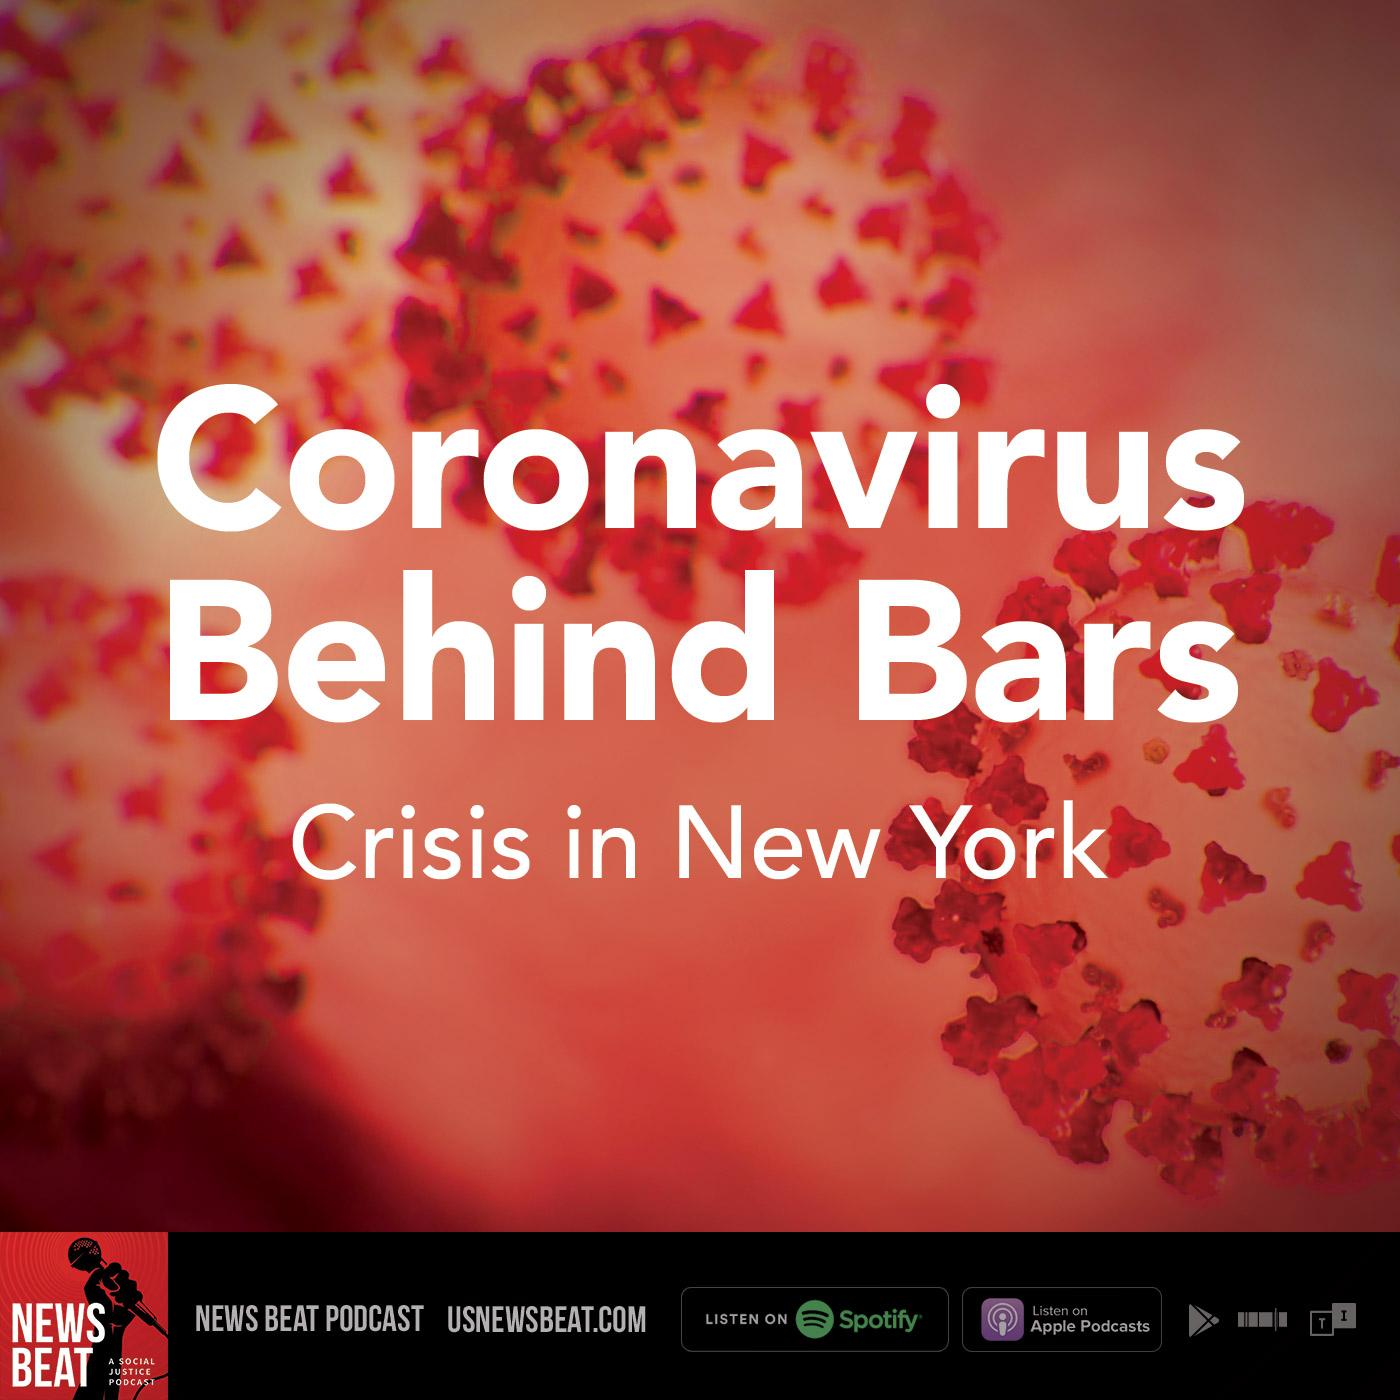 Coronavirus Behind Bars